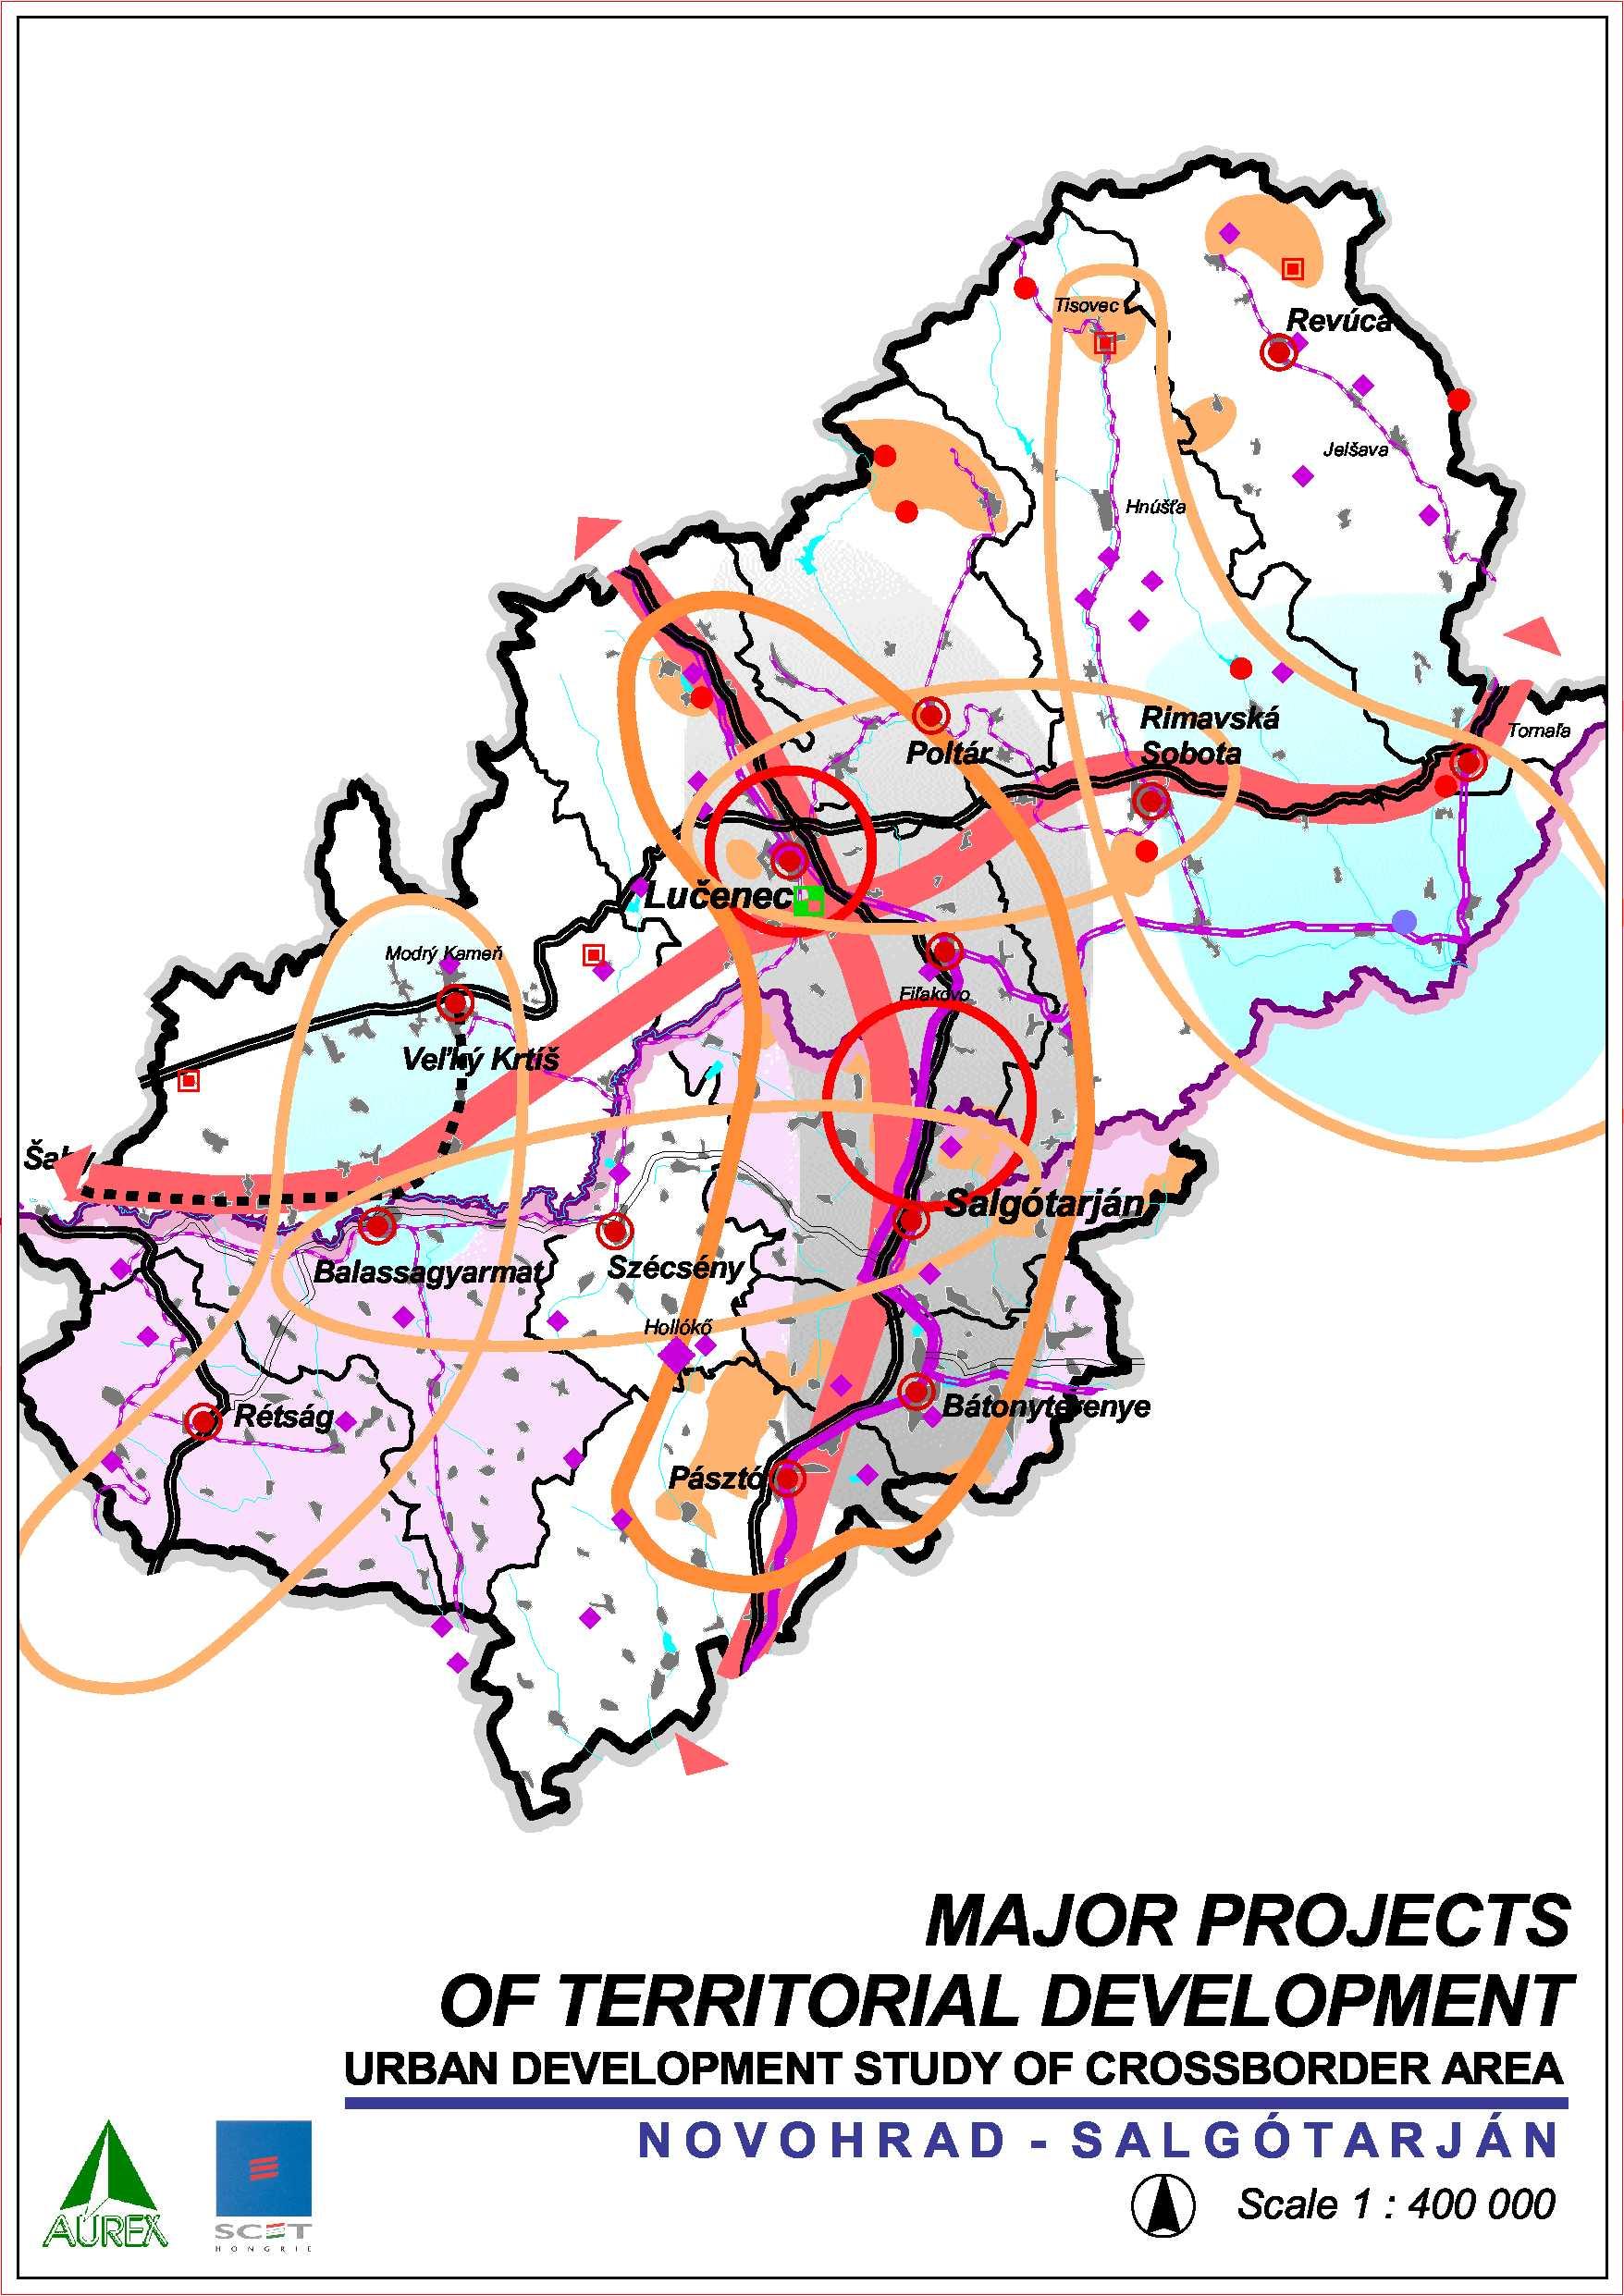 A területfejlesztés nagy projektjei